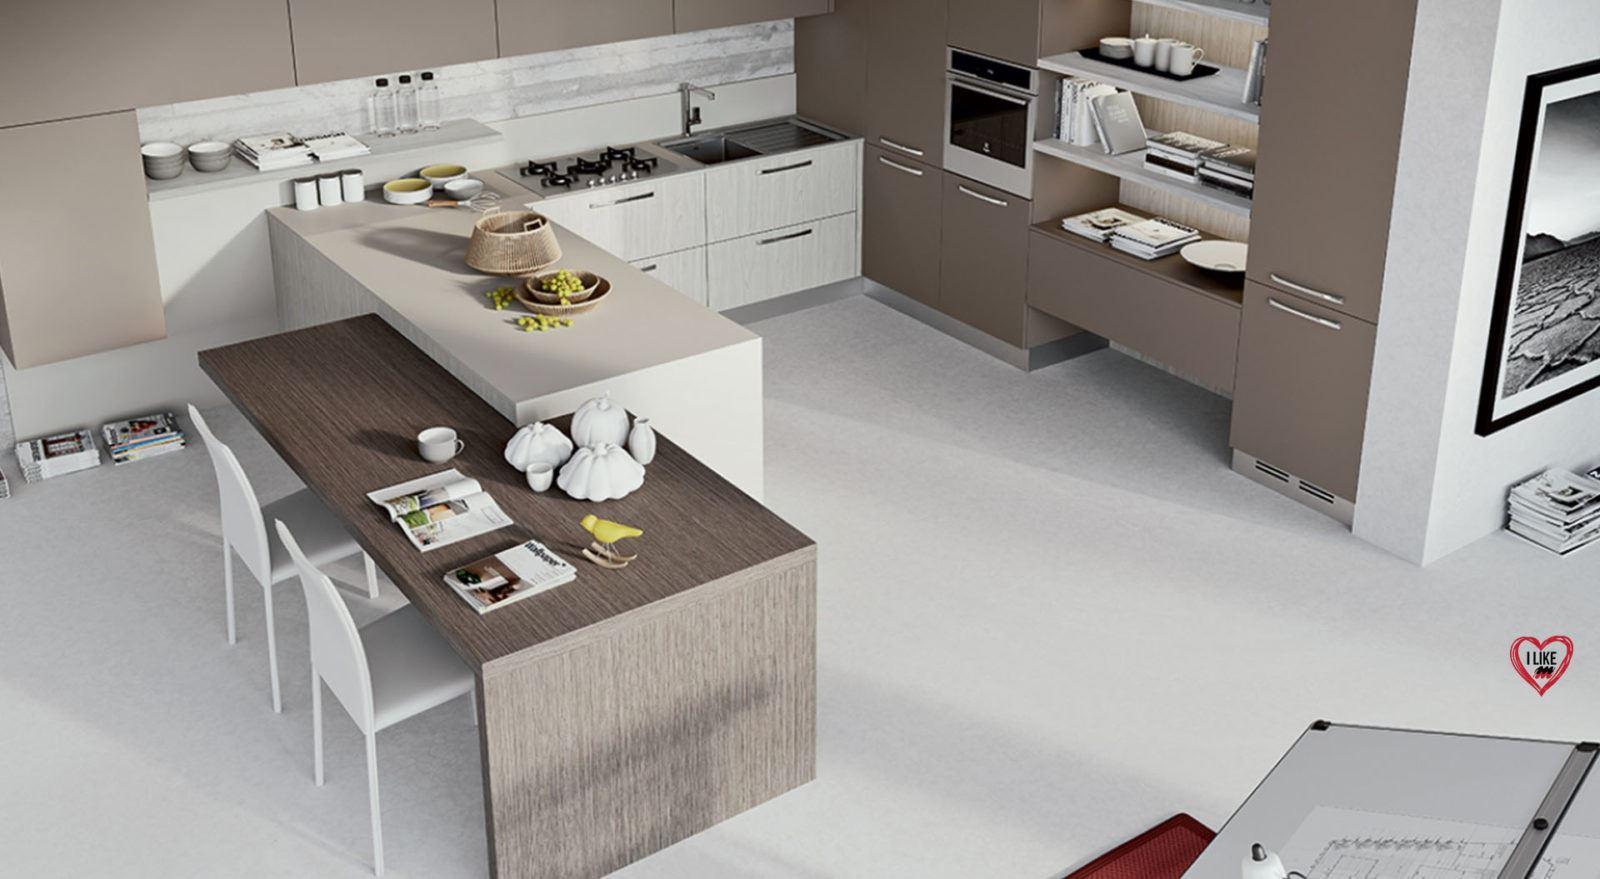 Cucine moderne con penisola padova - Immagini cucine con penisola ...